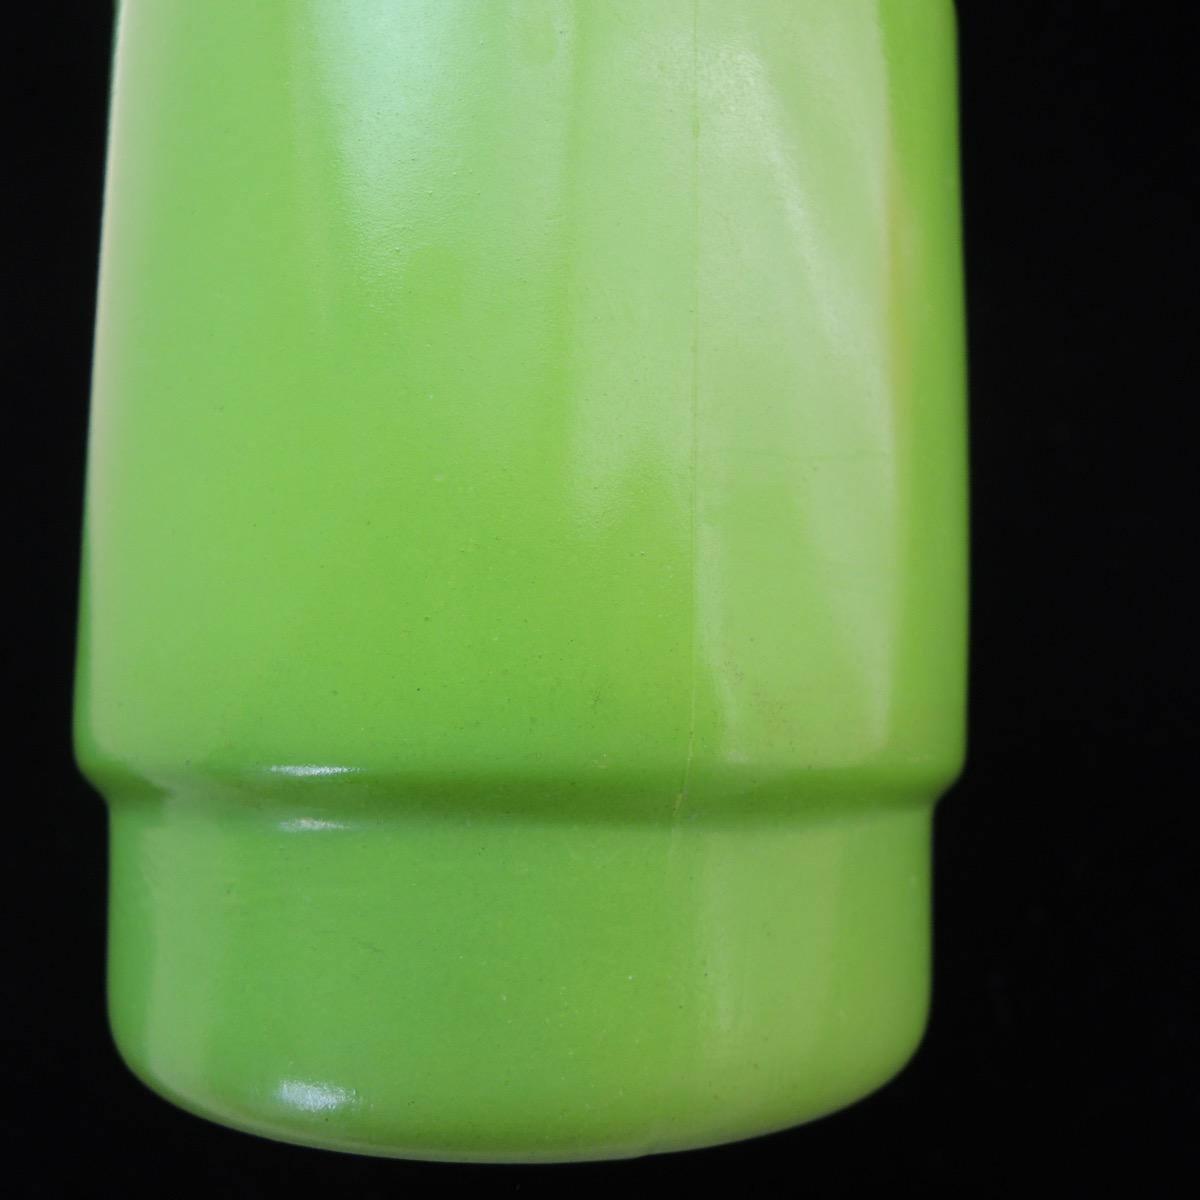 ファイヤーキング スタッキングマグ ラウンドハンドル 黄緑(ブラックリム) 1960年代 ABランク No.431